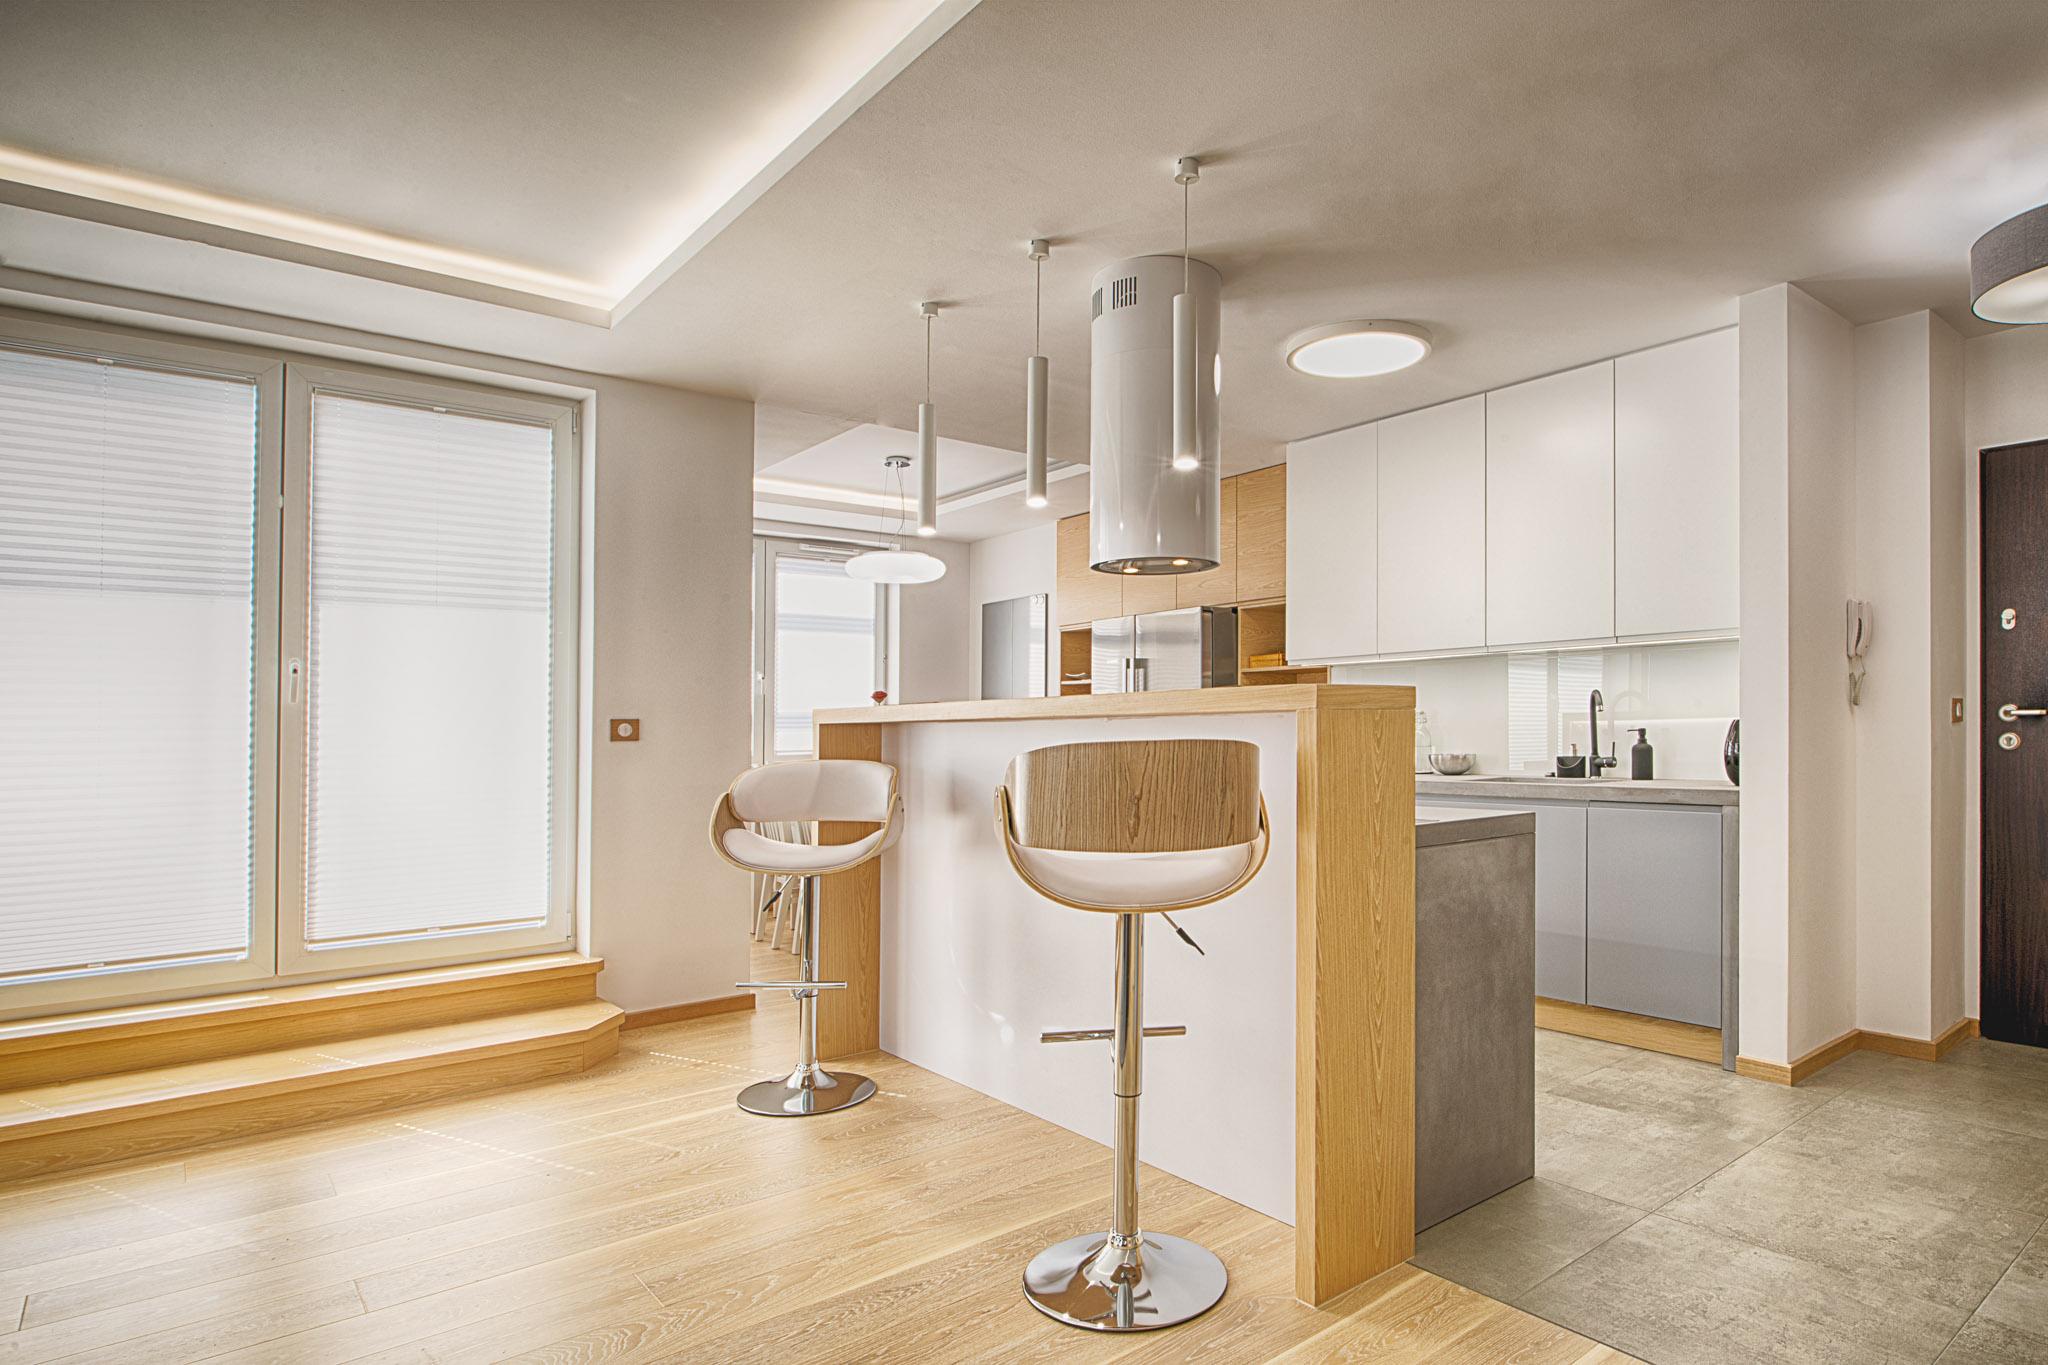 Strefa kuchenna oddzielona jest od salonu wyspą z wysokim drewnianym barem.